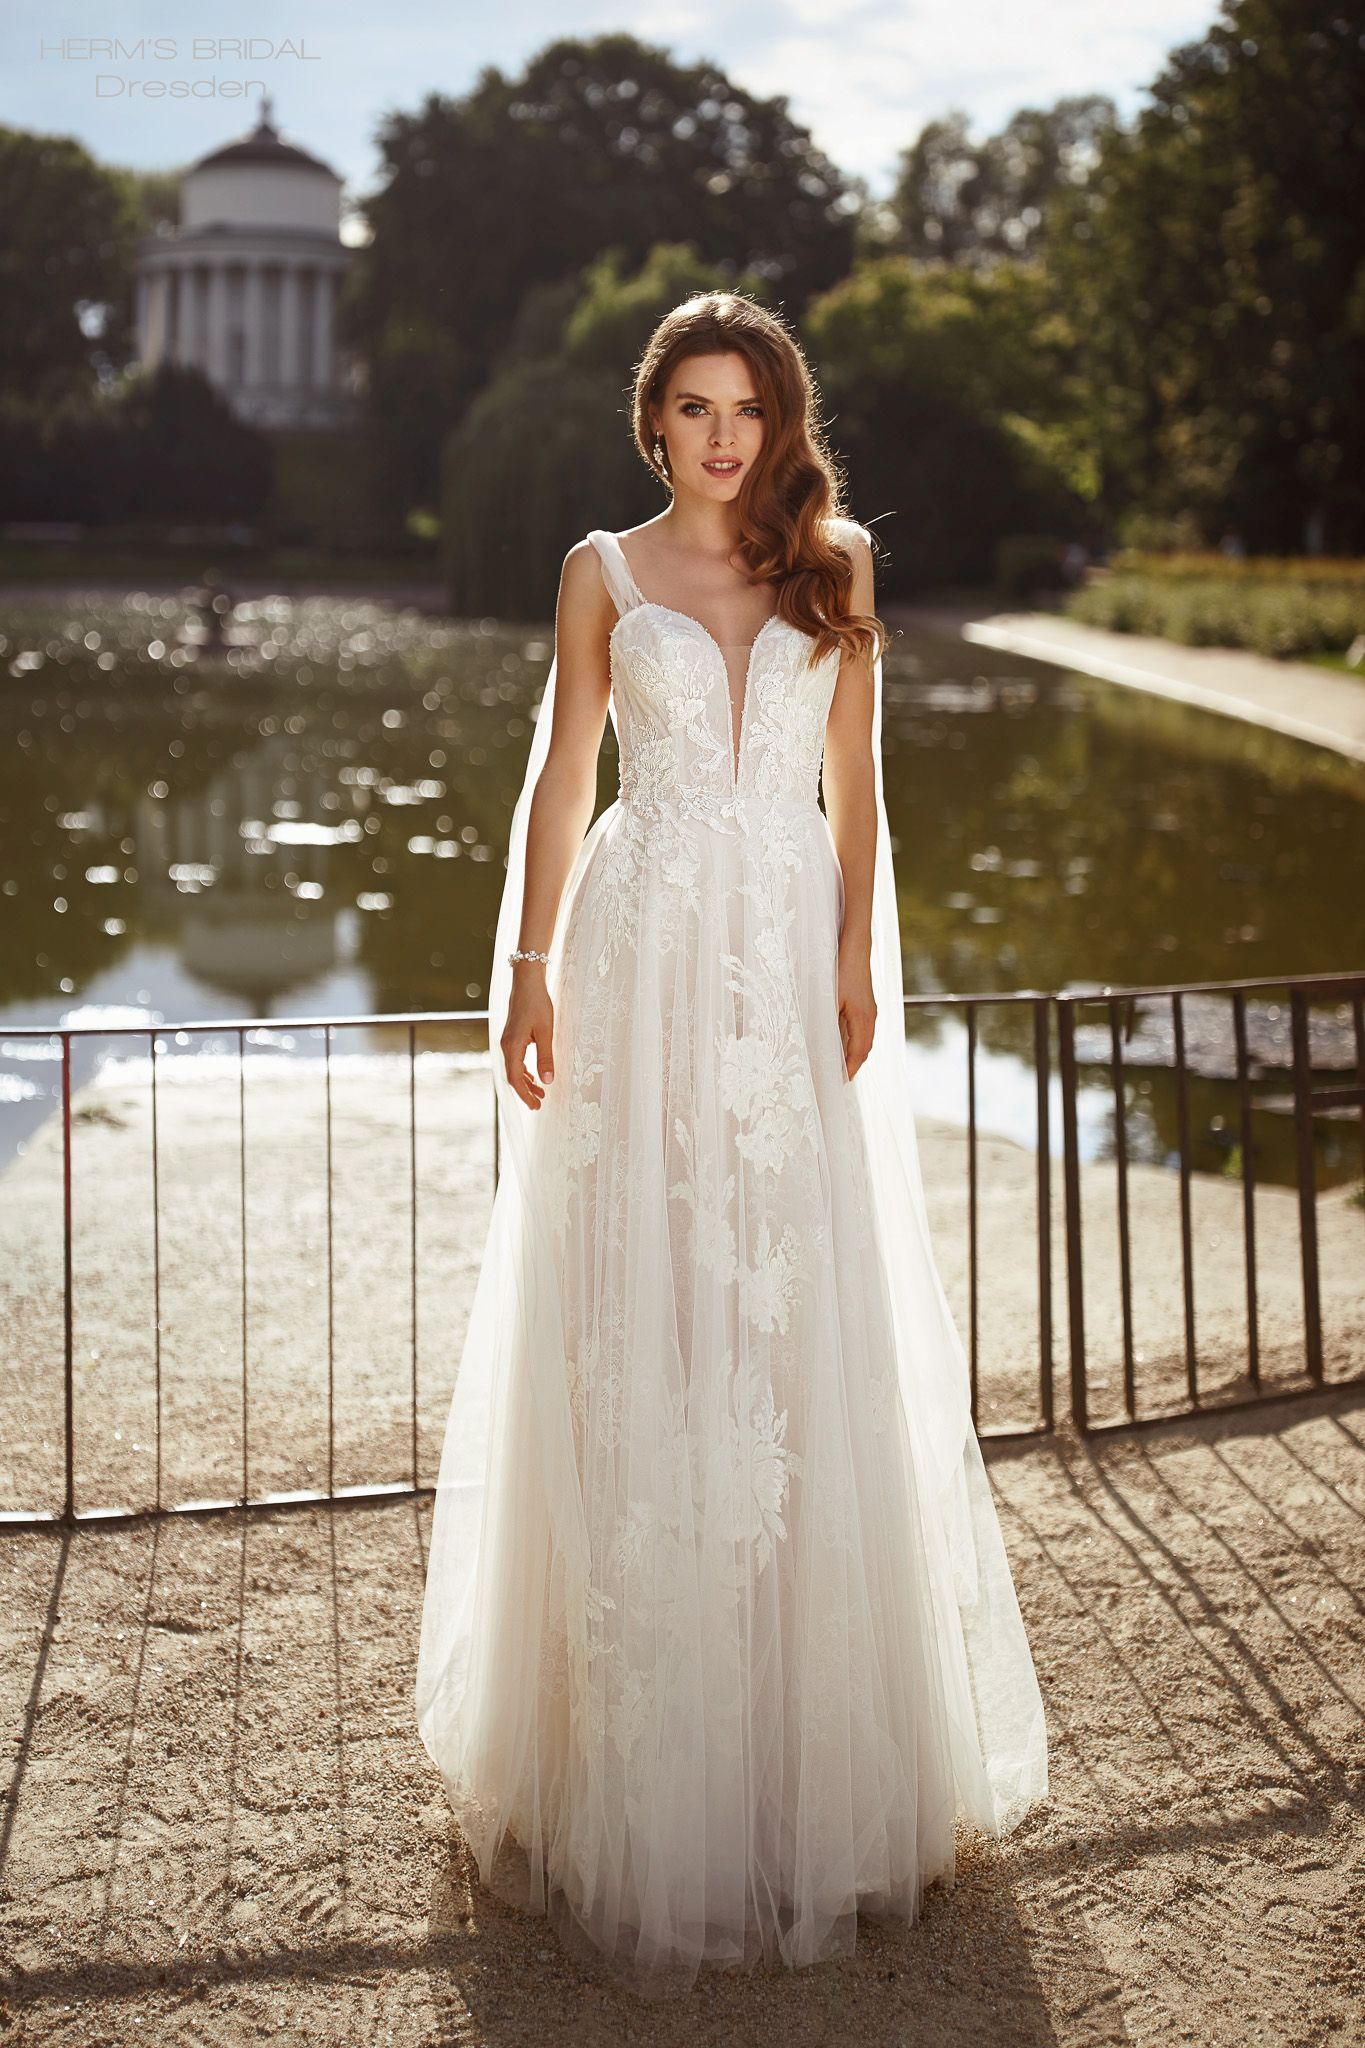 suknia slubna herms bridal Dresden 3